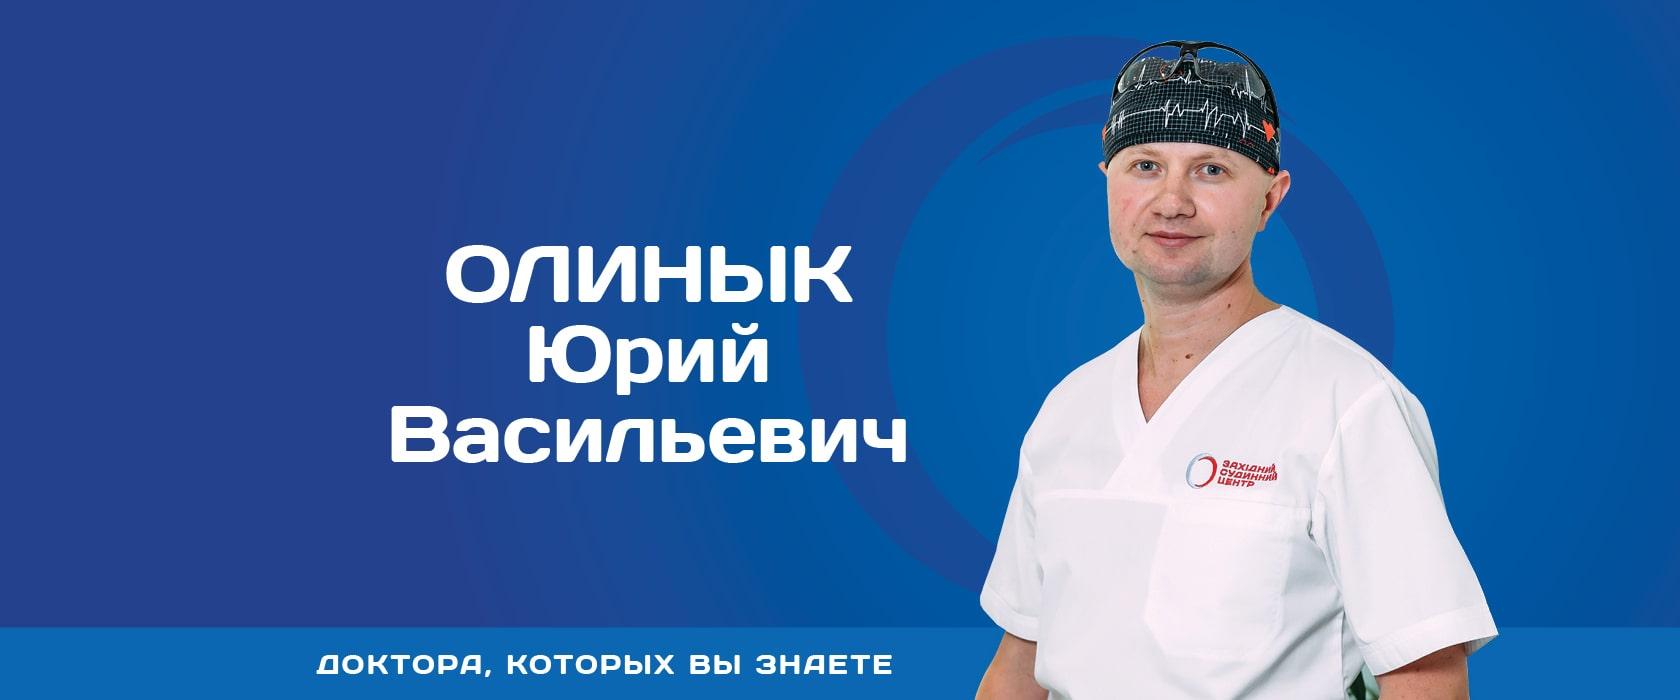 Олинык Юрий Васильевич